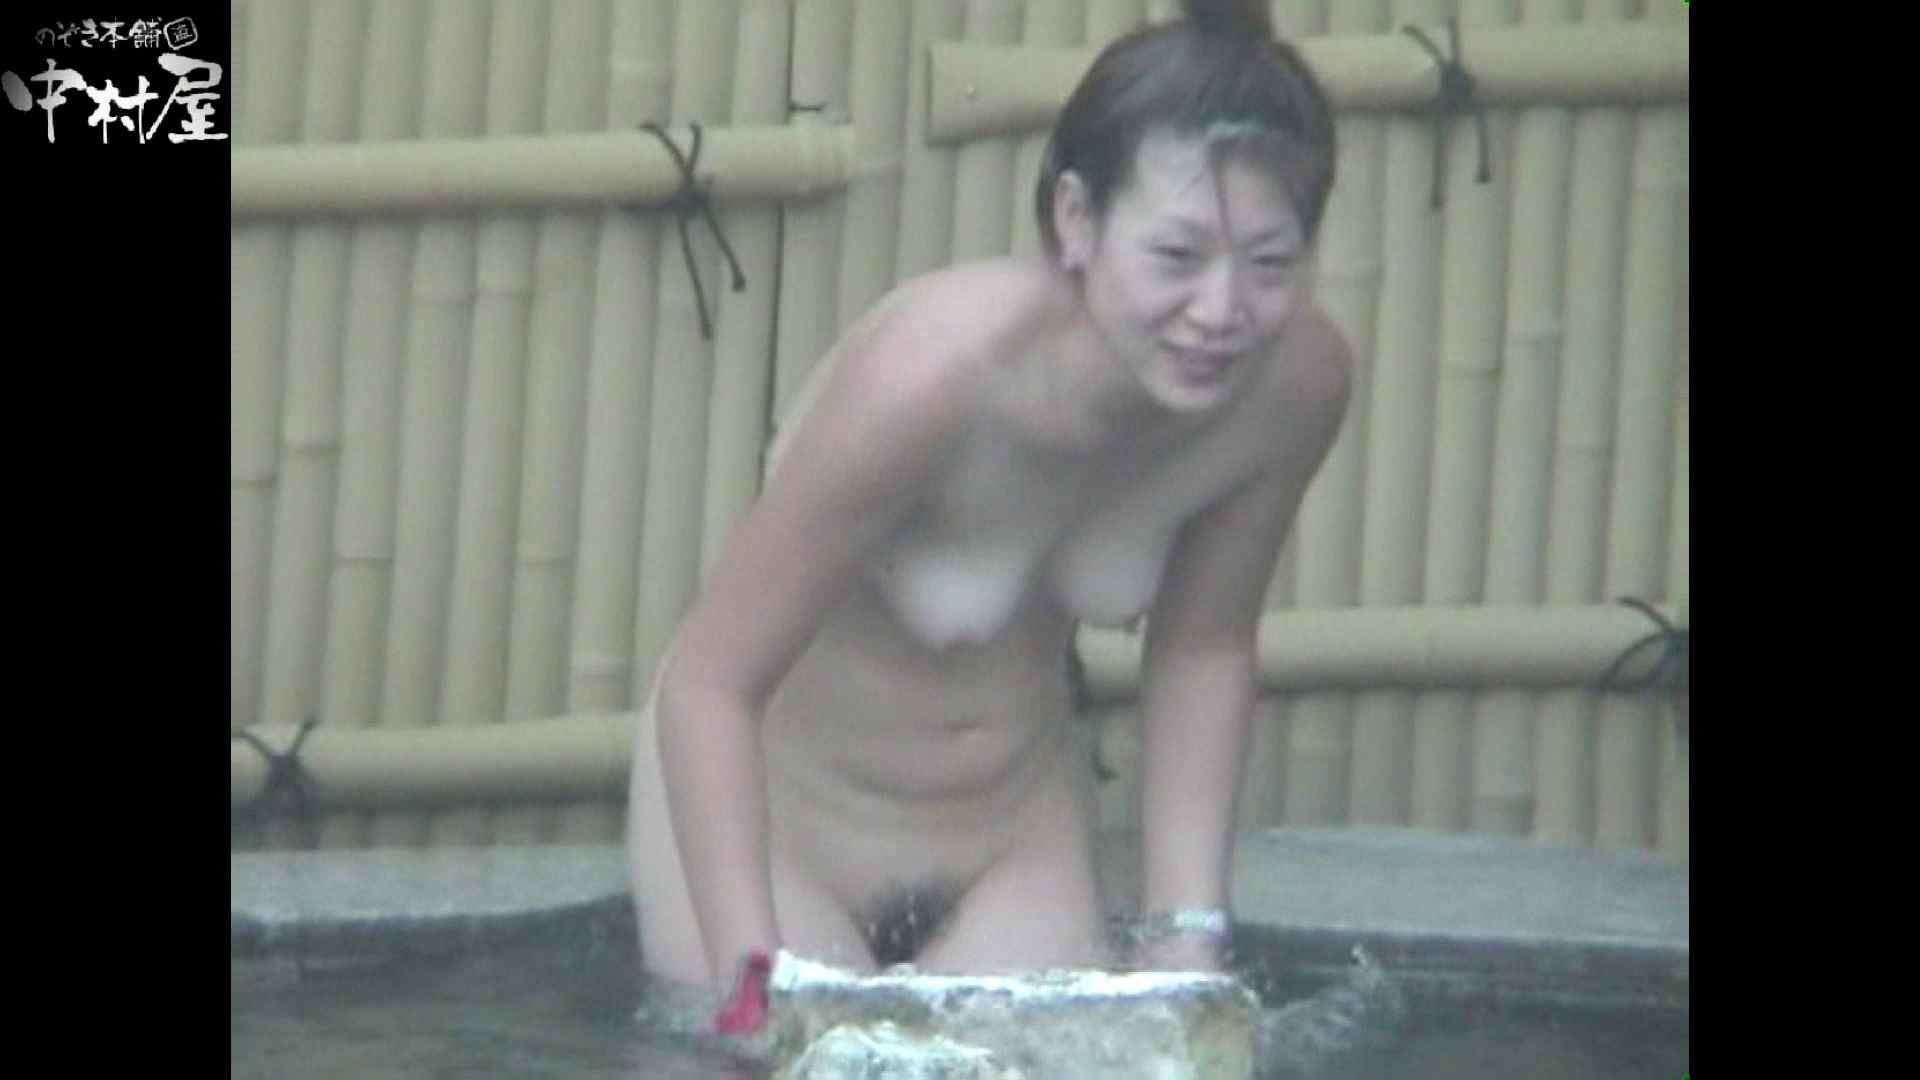 Aquaな露天風呂Vol.974 エロいOL ヌード画像 68枚